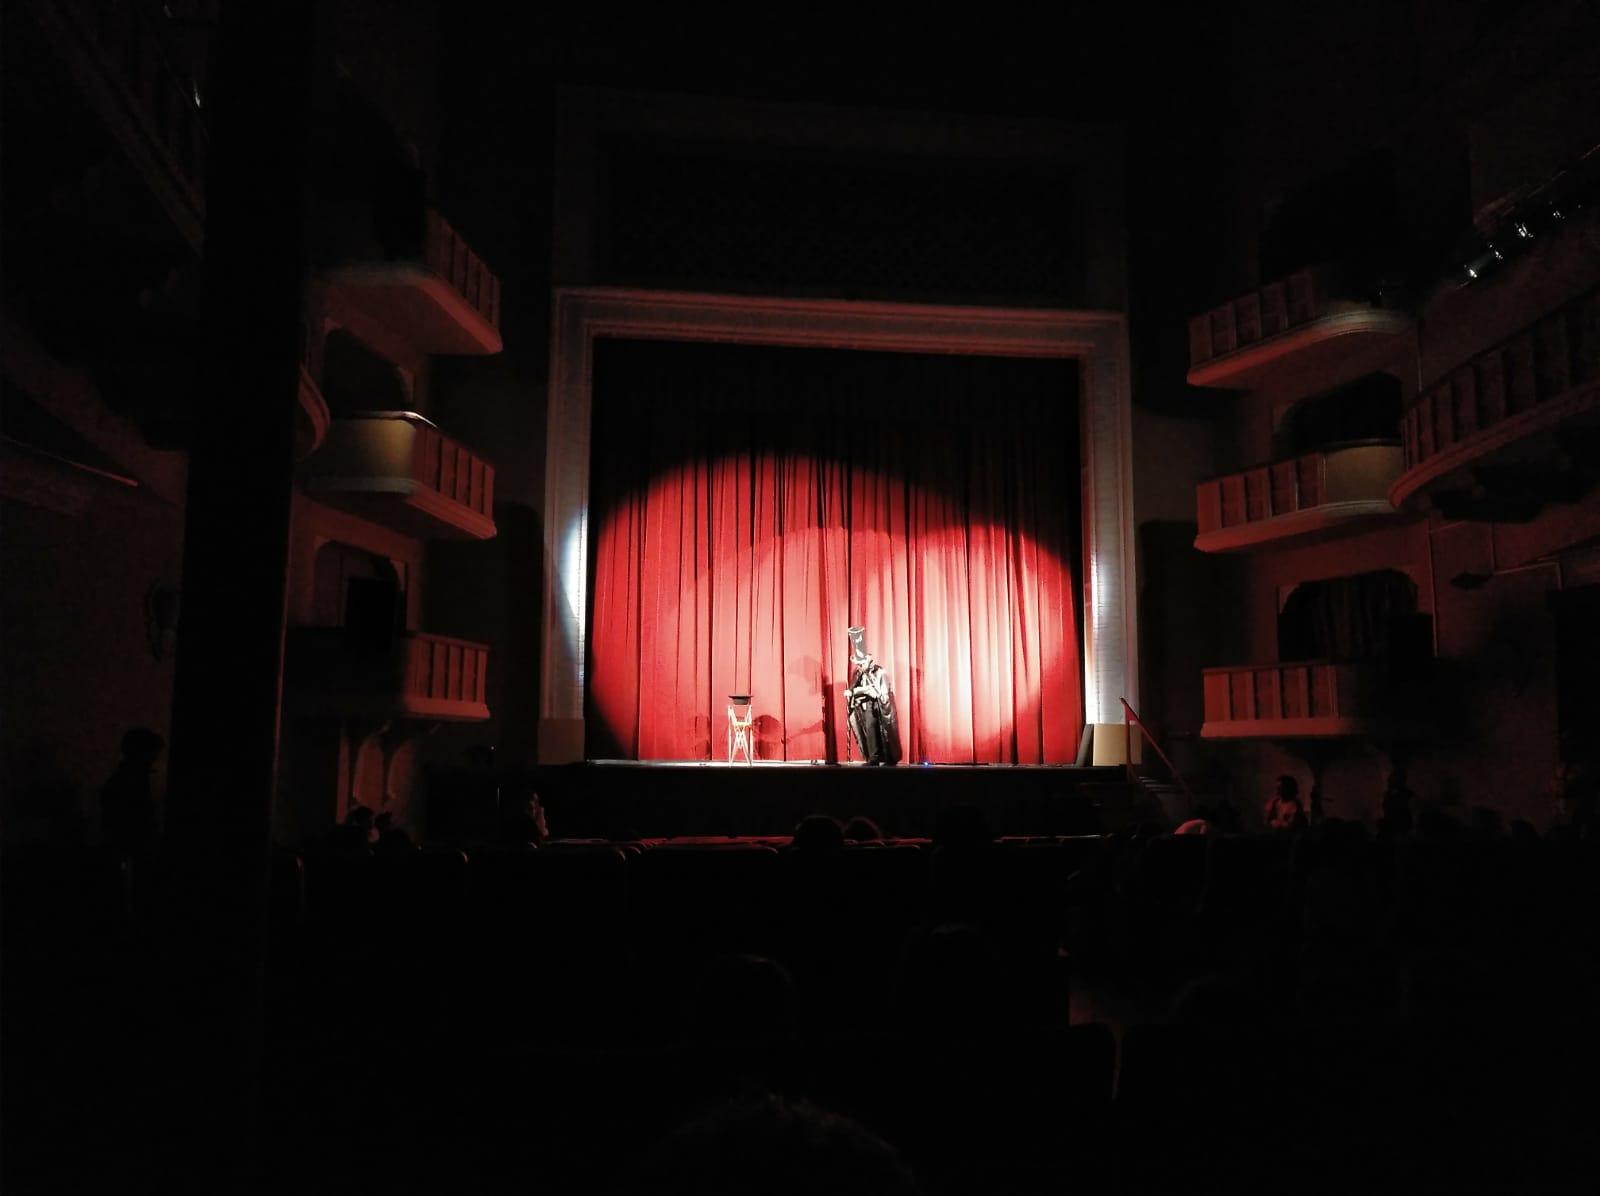 conciertoconserv34_19 (8)